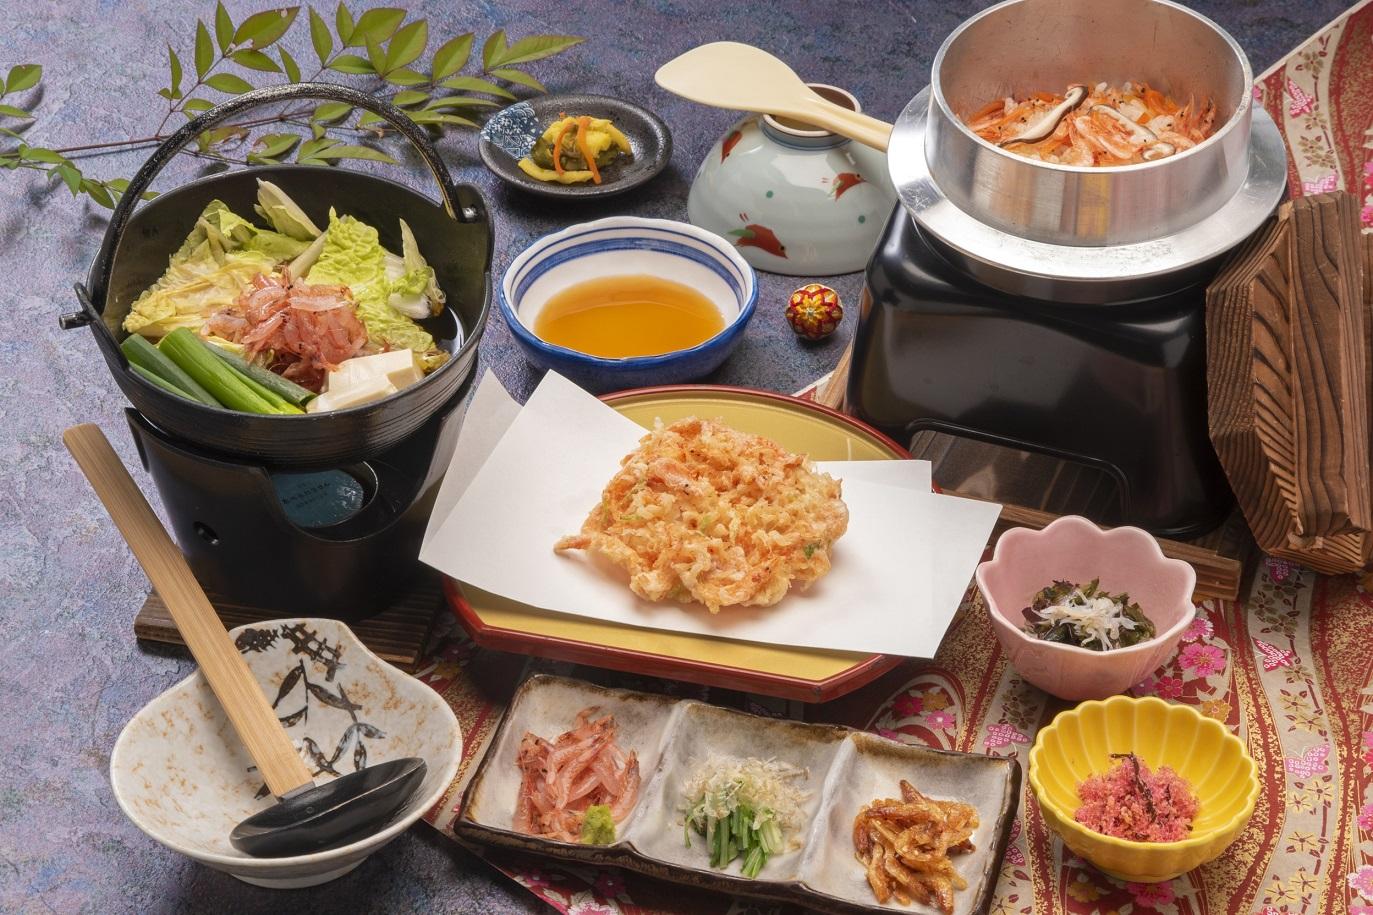 桜えびを使った漁師鍋料理